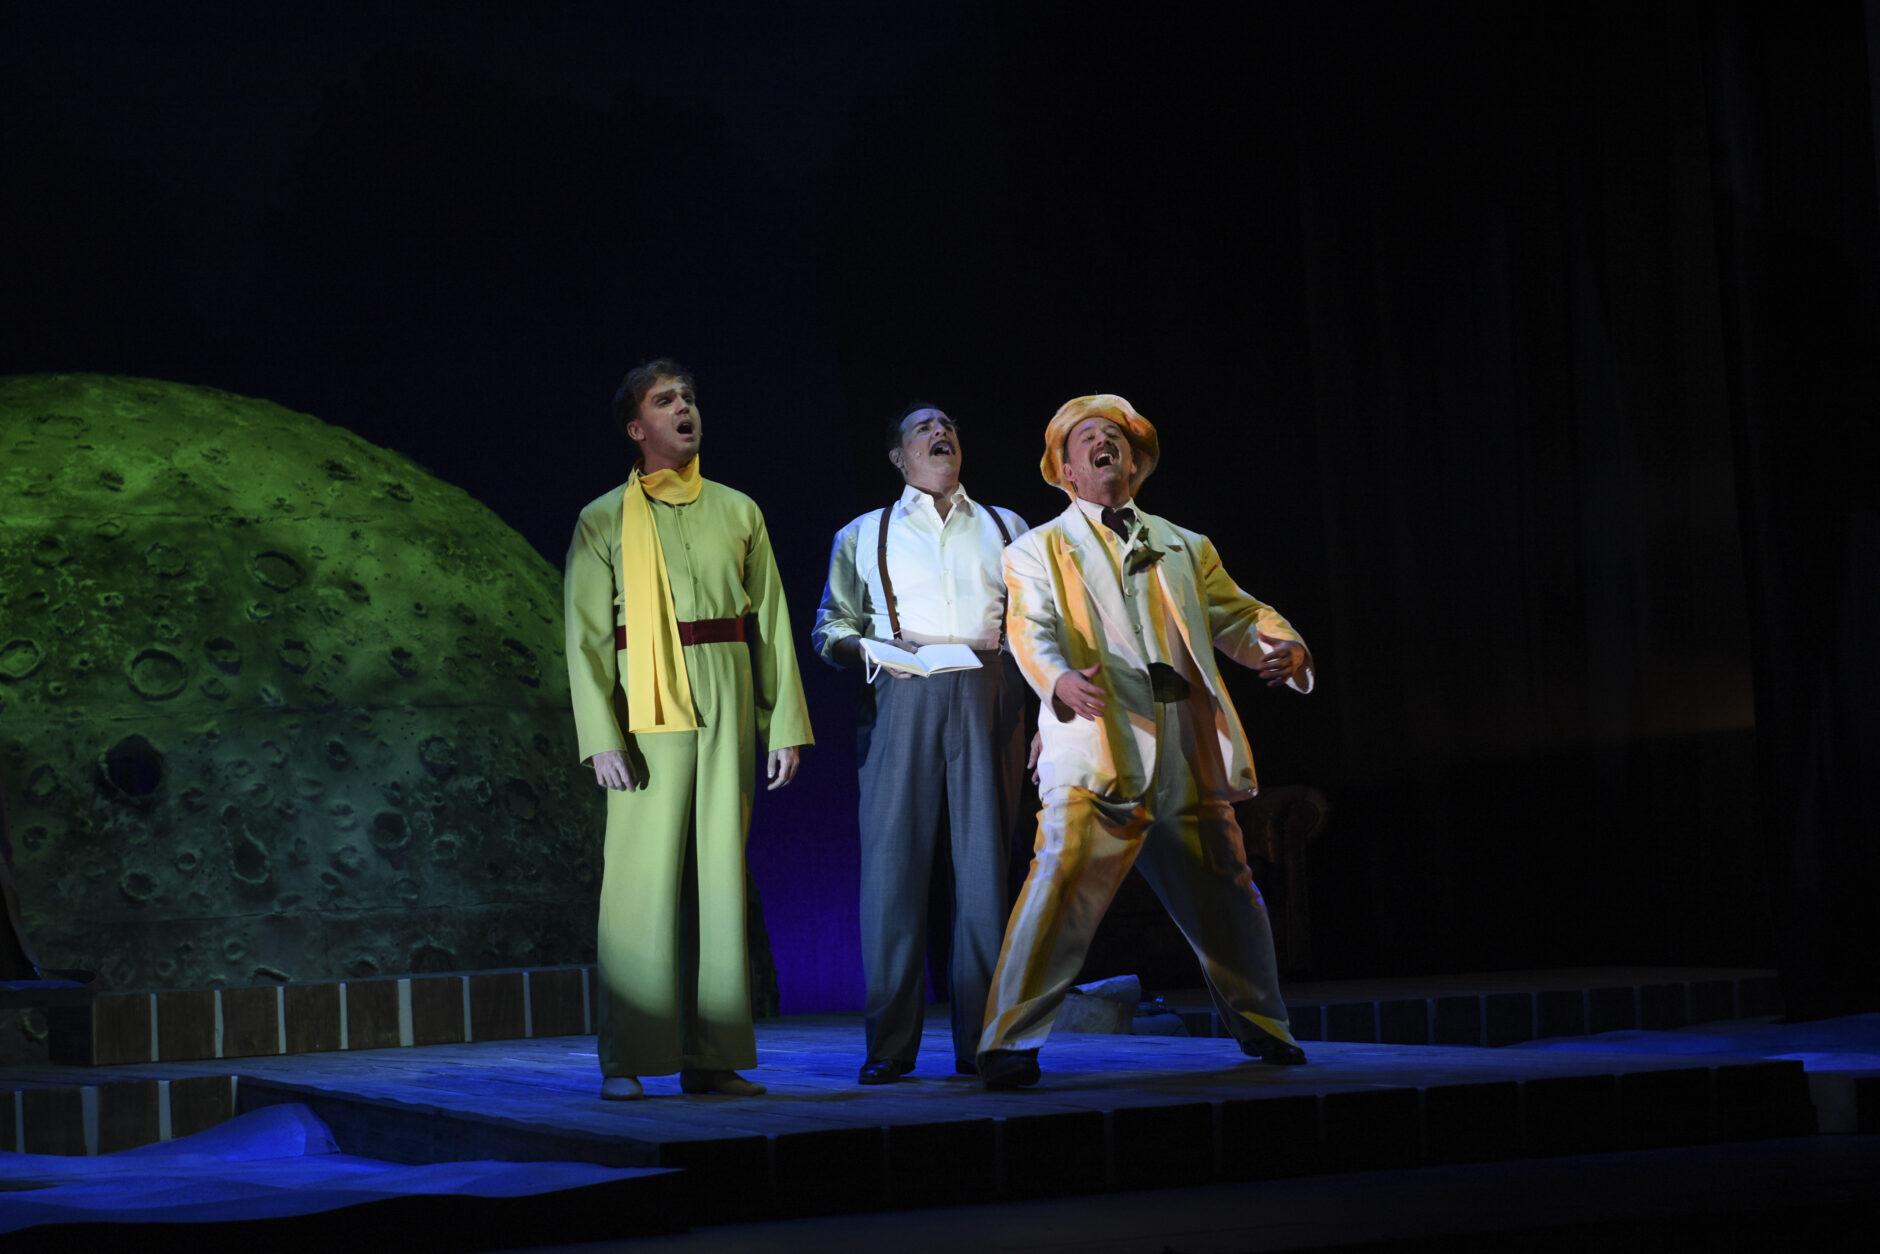 Antoine, el musical - La increíble historia del creador de El Principito 3